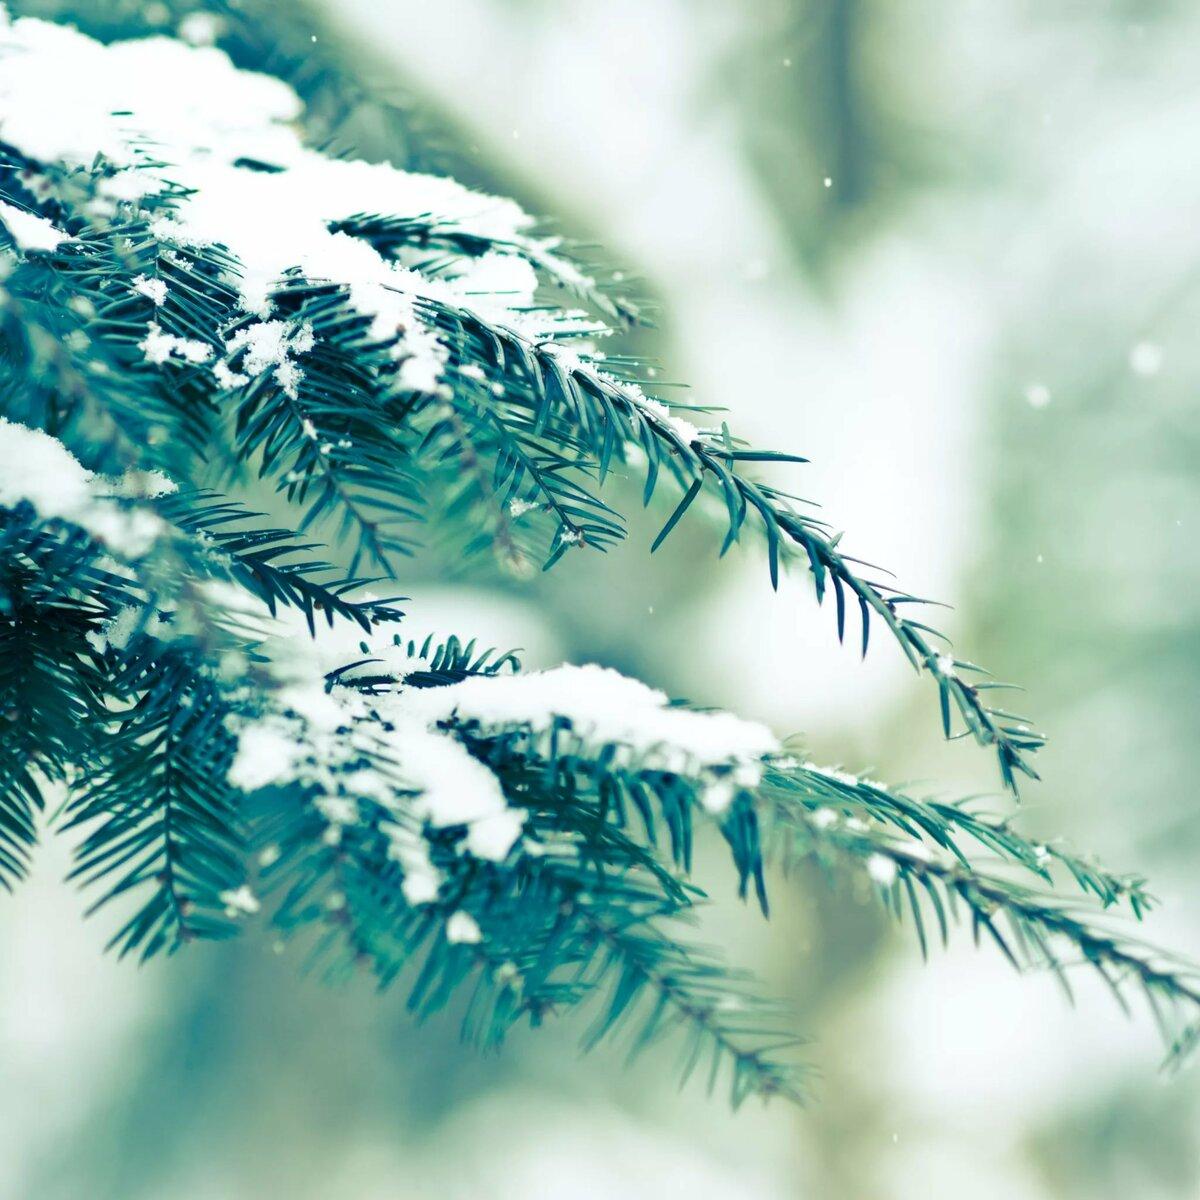 Зимние картинки в хорошем качестве на телефон